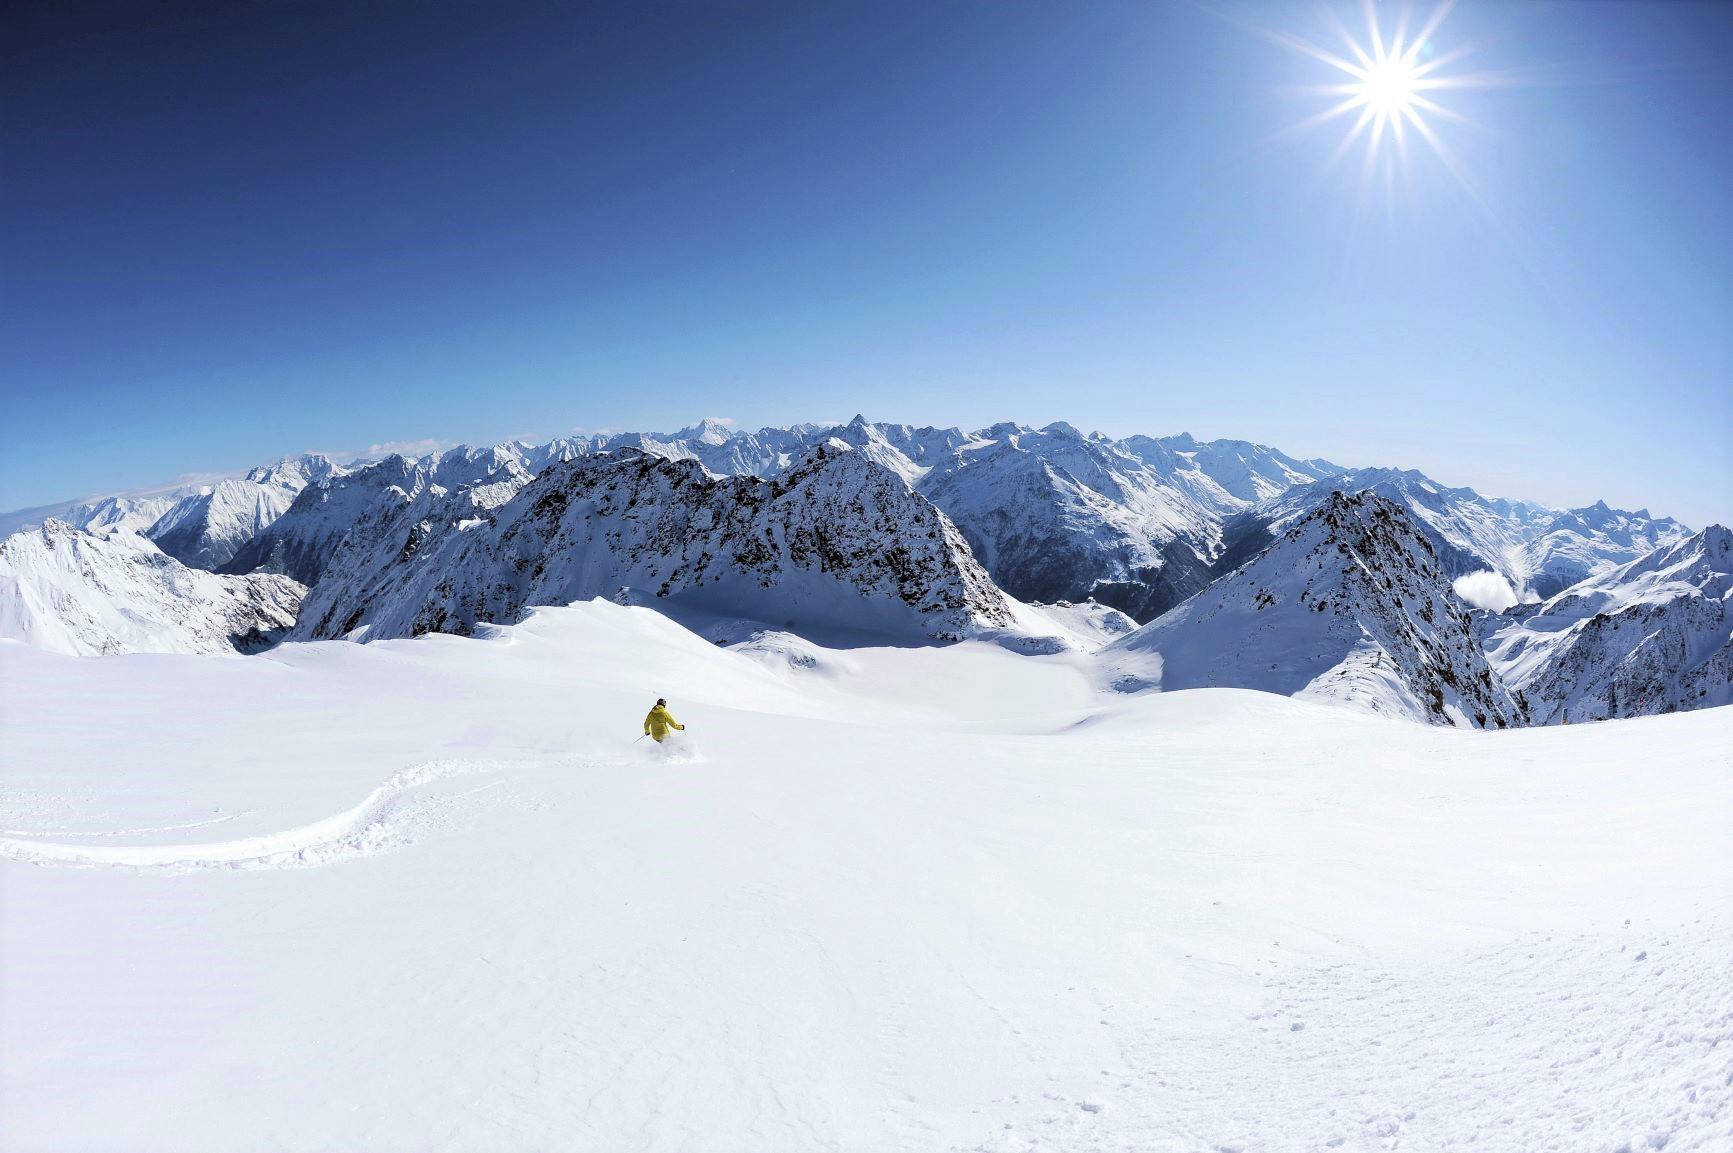 オーストリア・ゼルデン・スキー 8日間